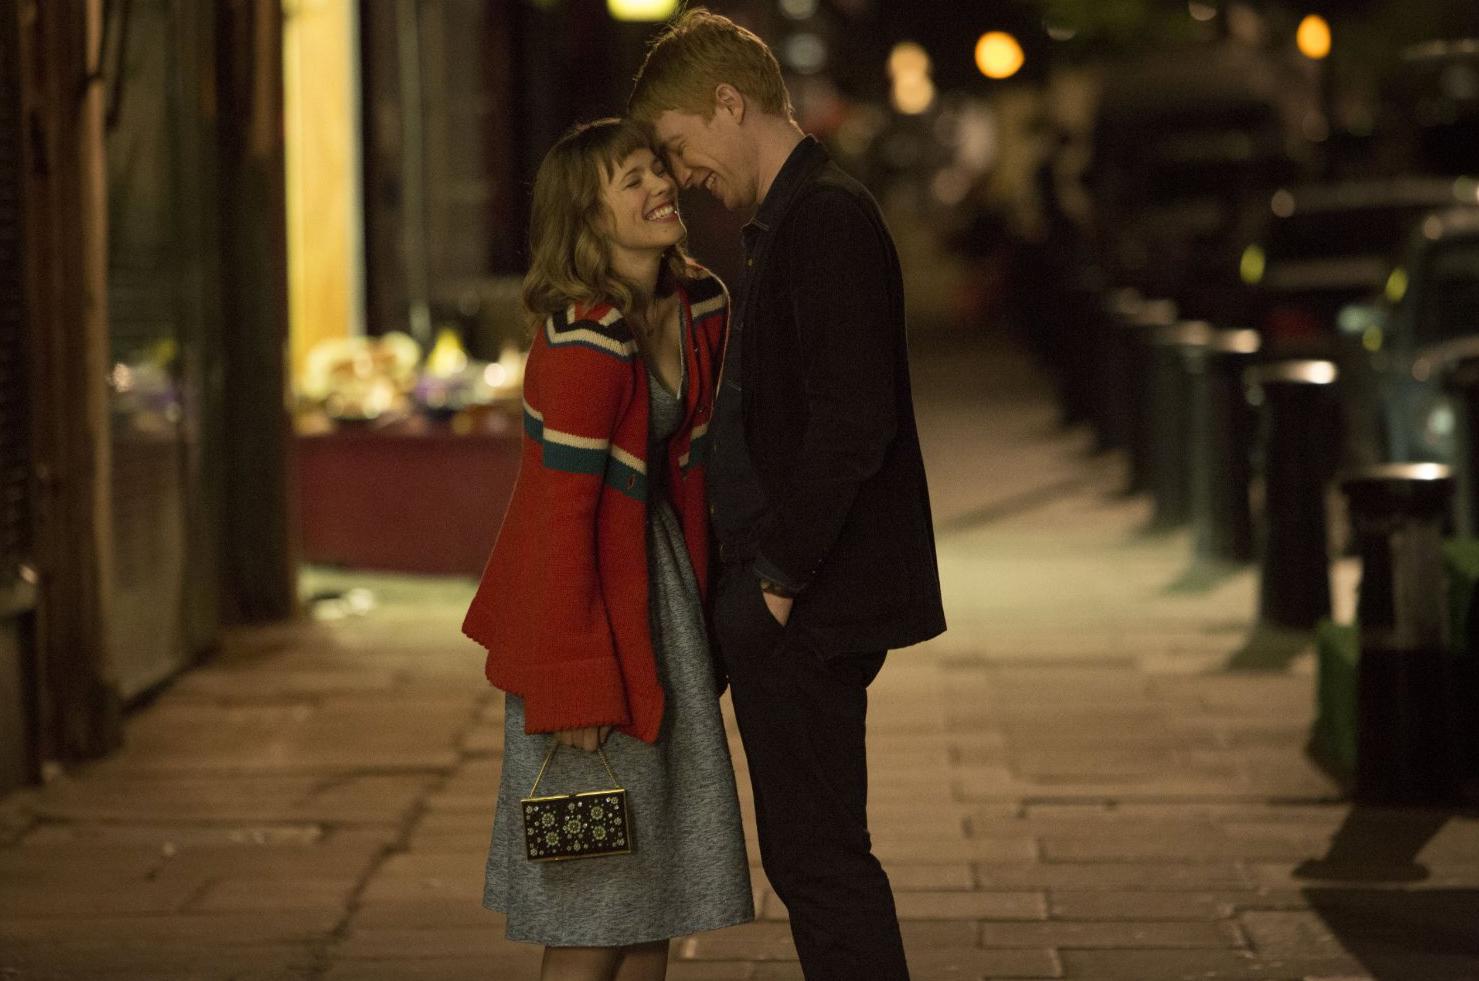 イギリス英語の学習にお勧めのイギリス映画:「About Time」レビュー